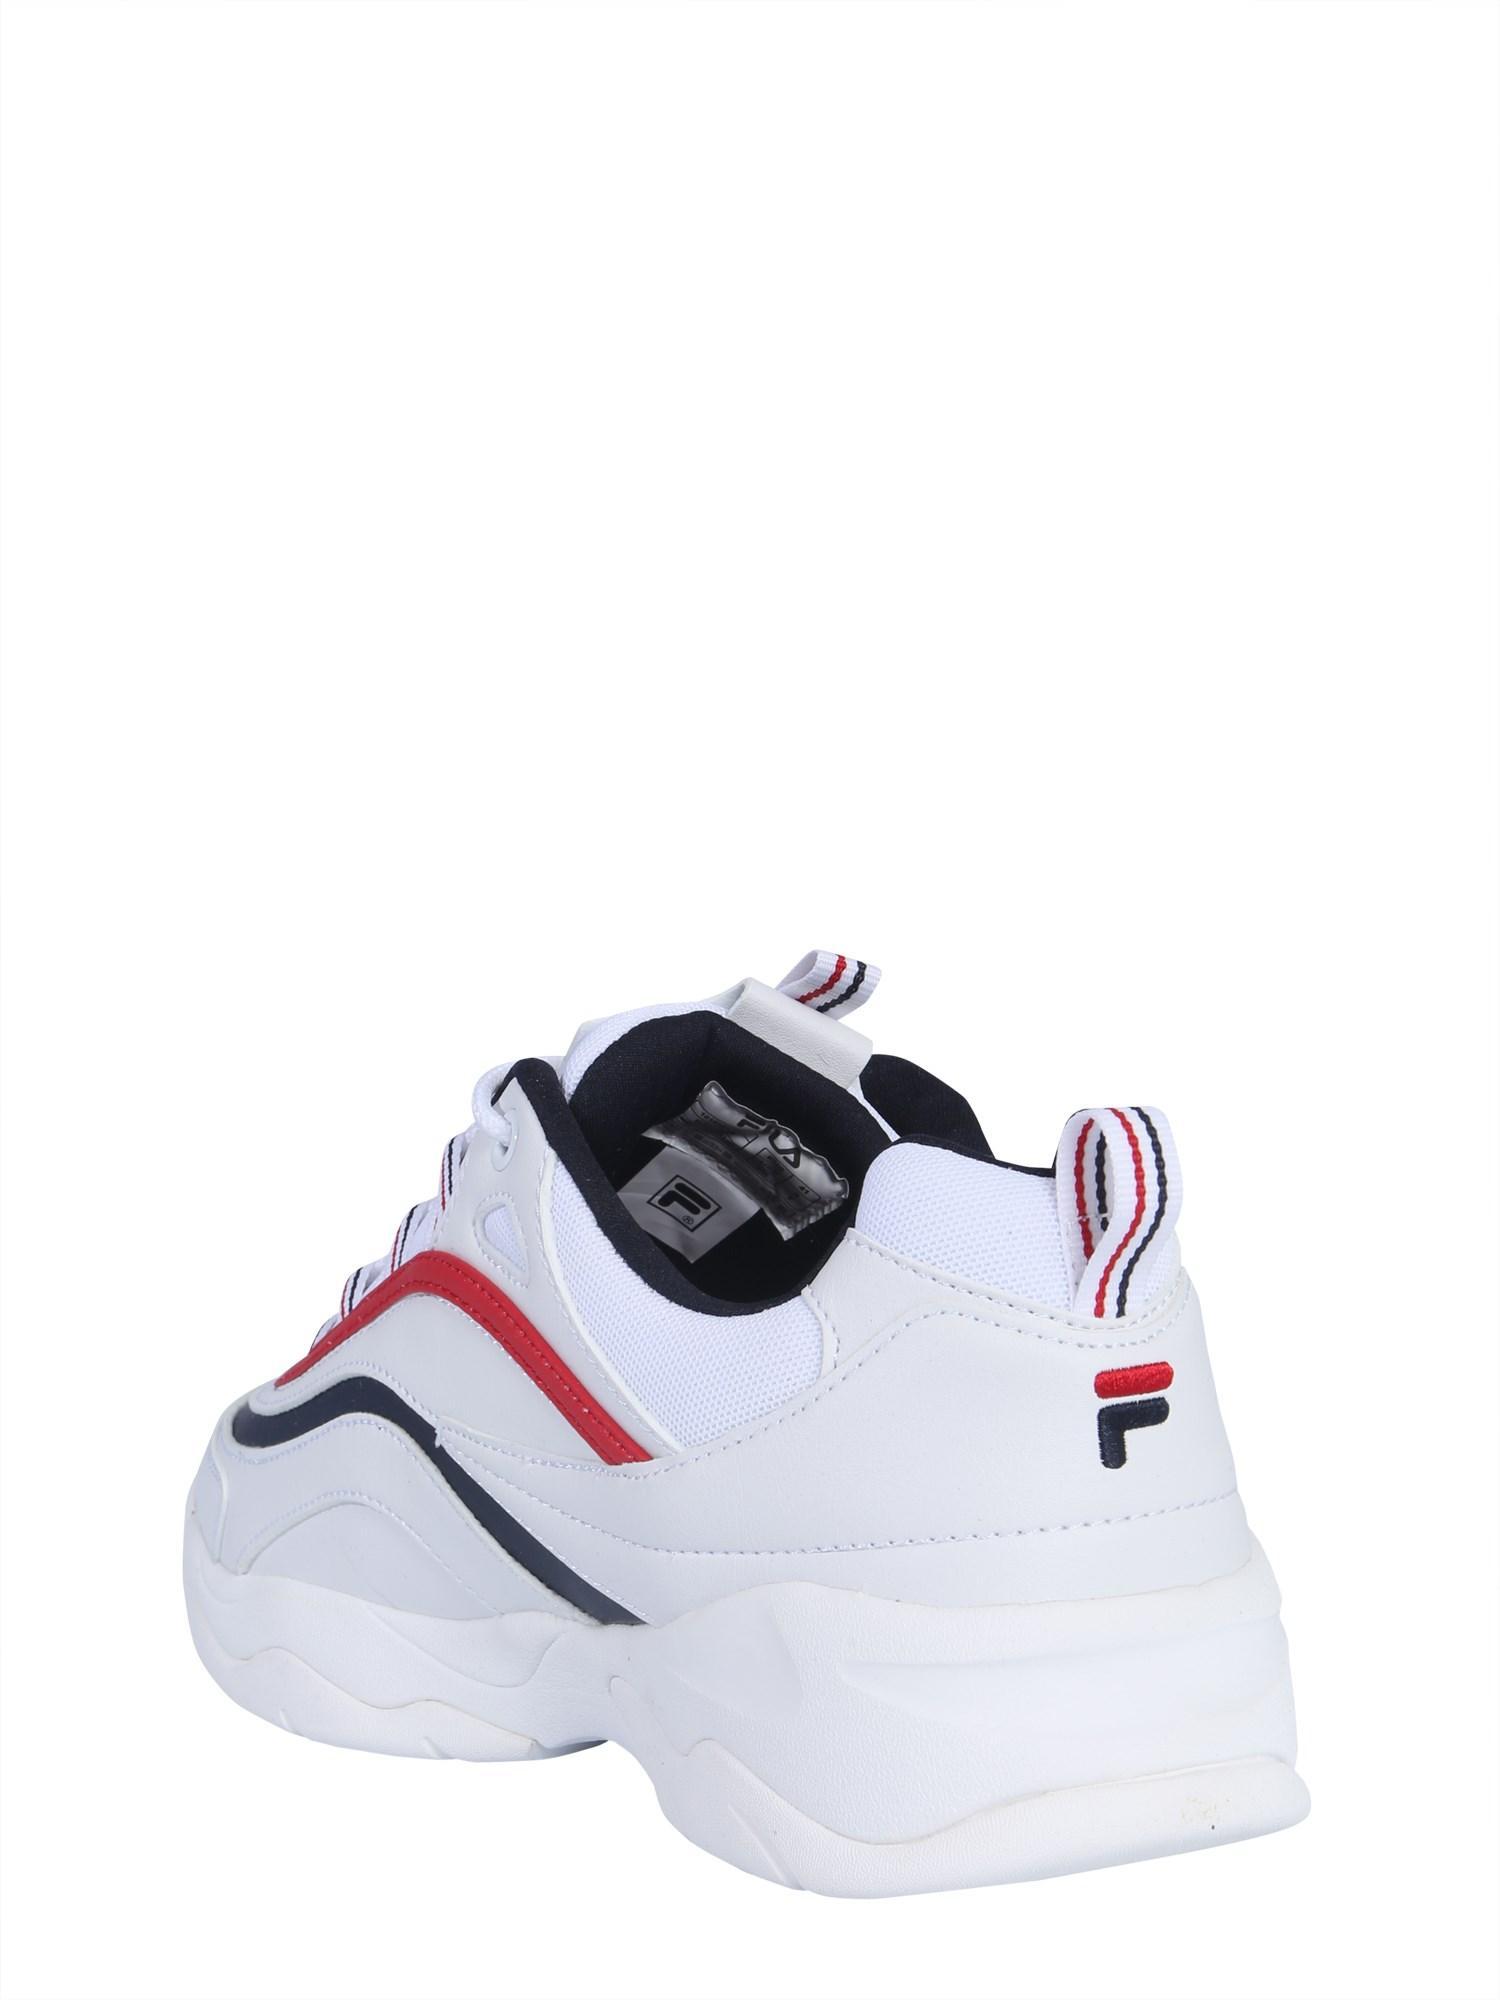 6556ec9162d2 Fila Sneaker Ray Low in White for Men - Lyst